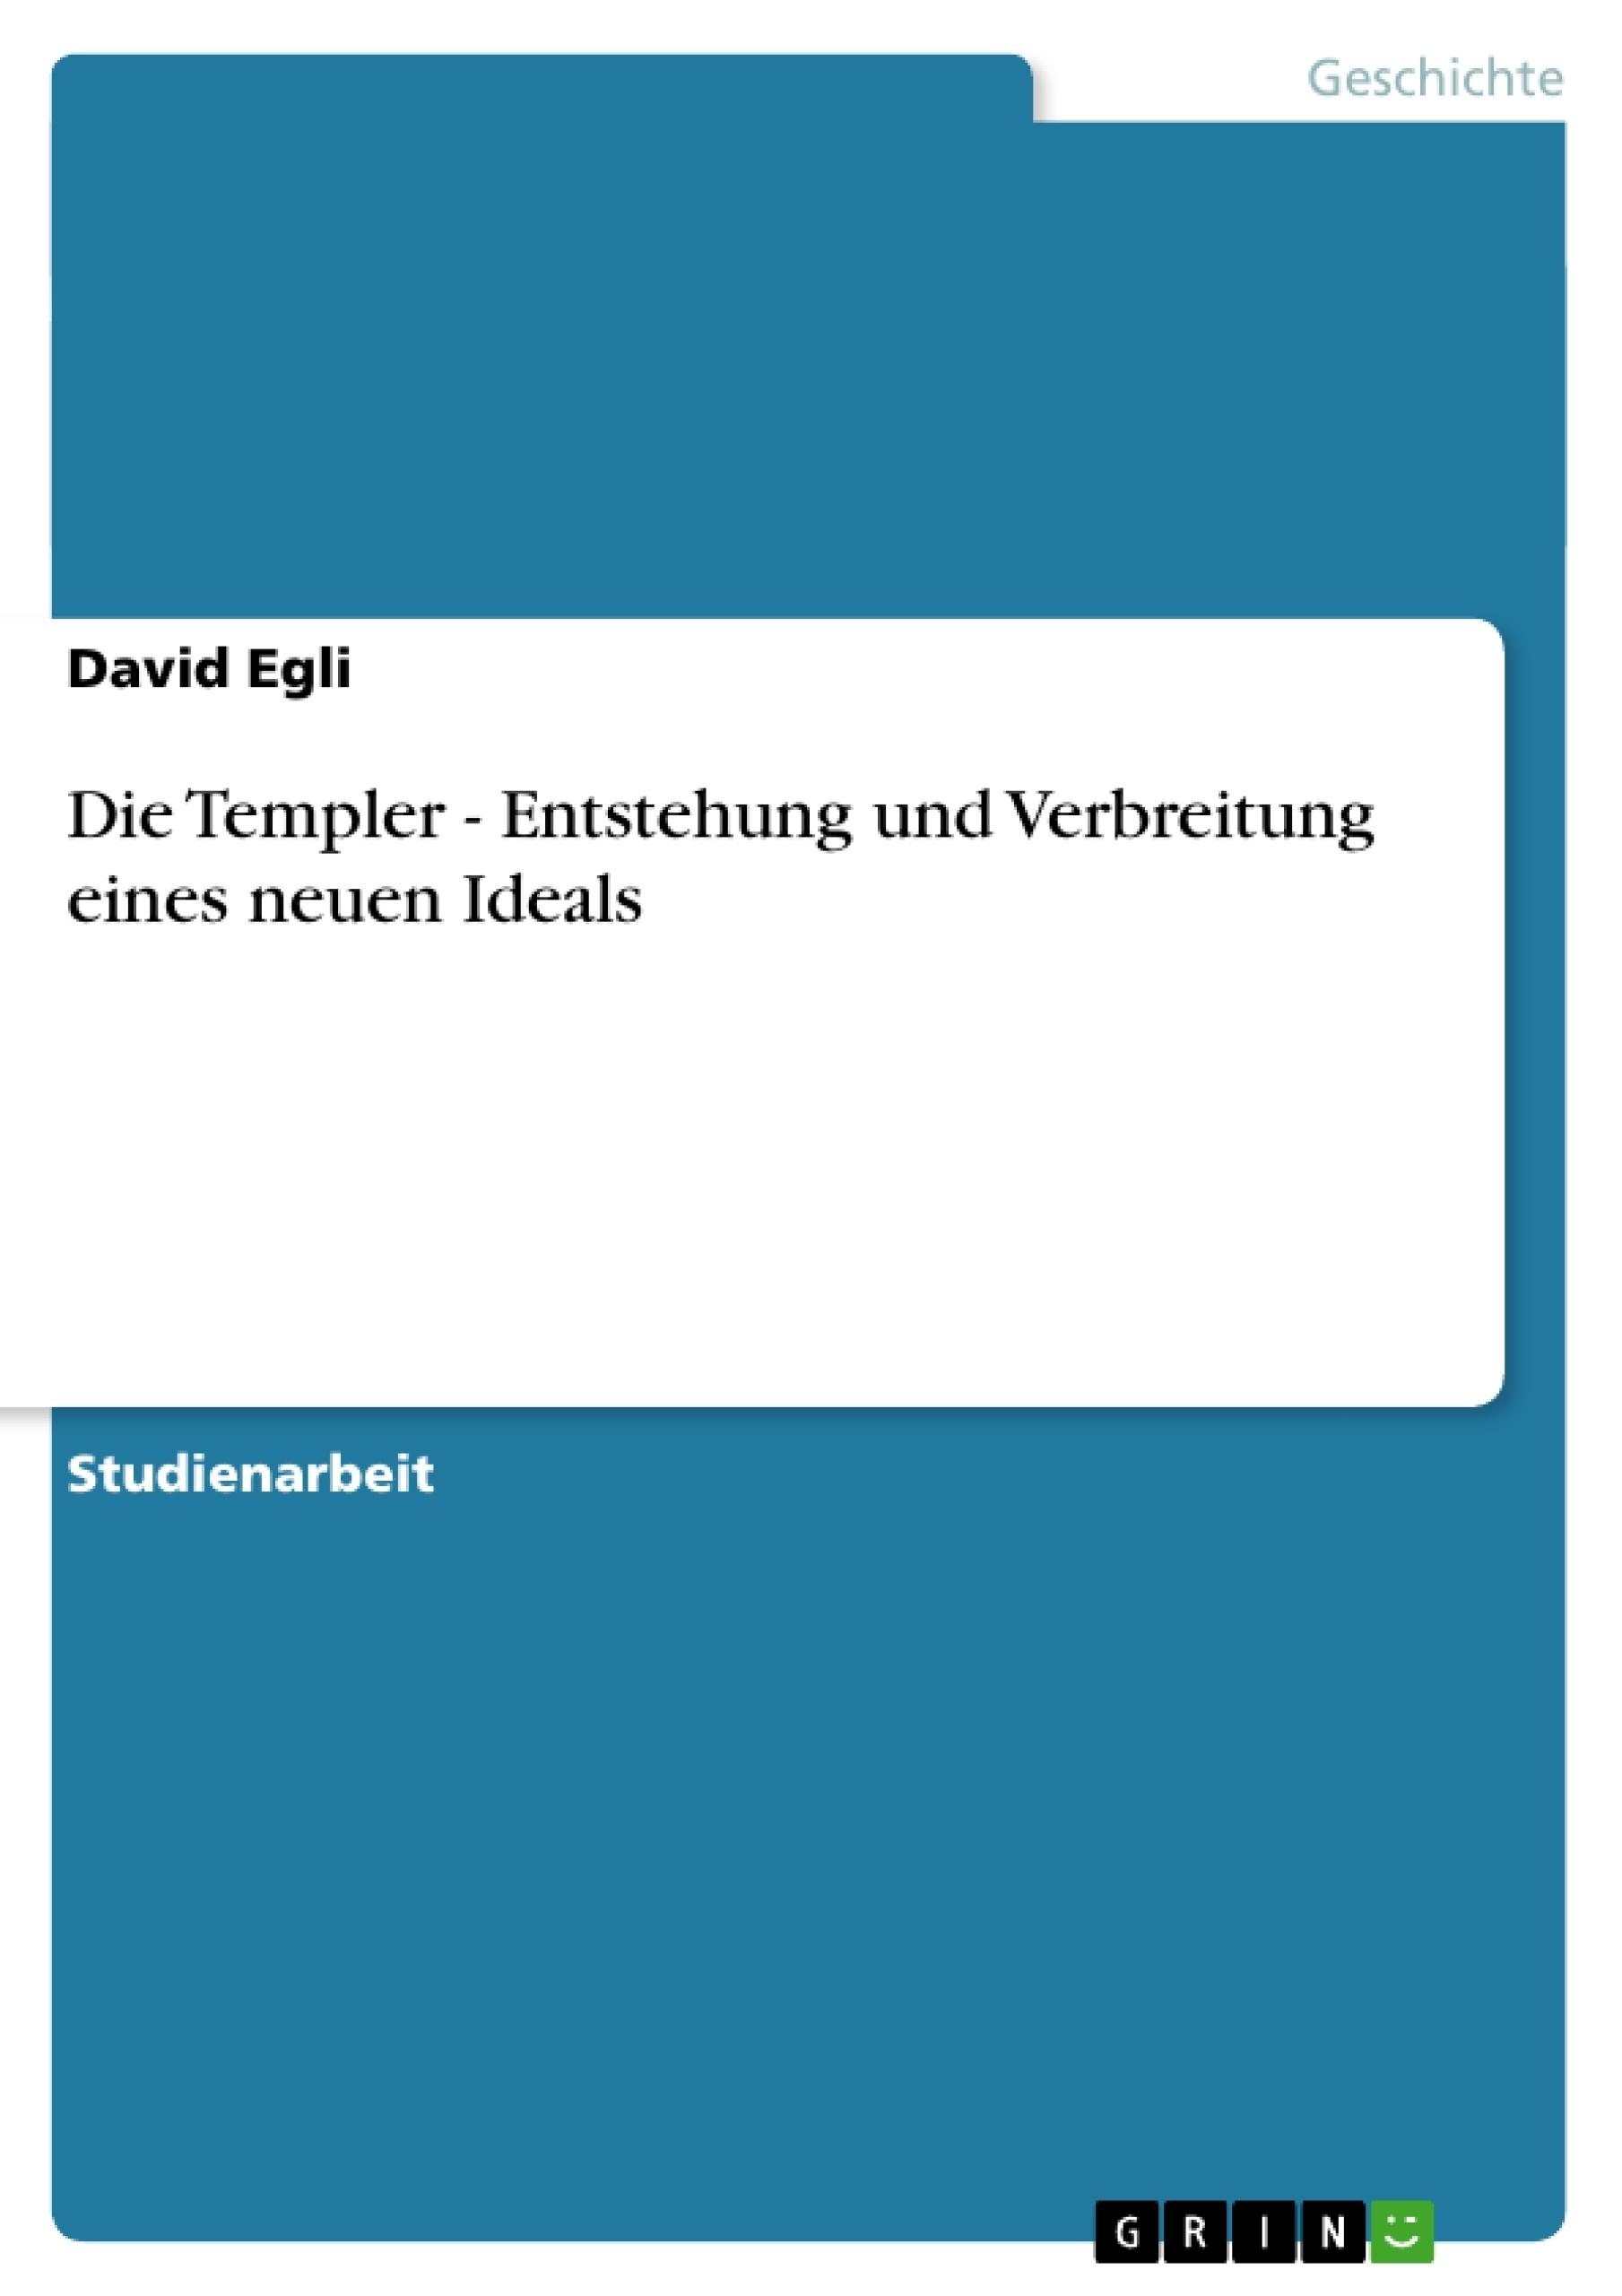 Titel: Die Templer - Entstehung und Verbreitung eines neuen Ideals